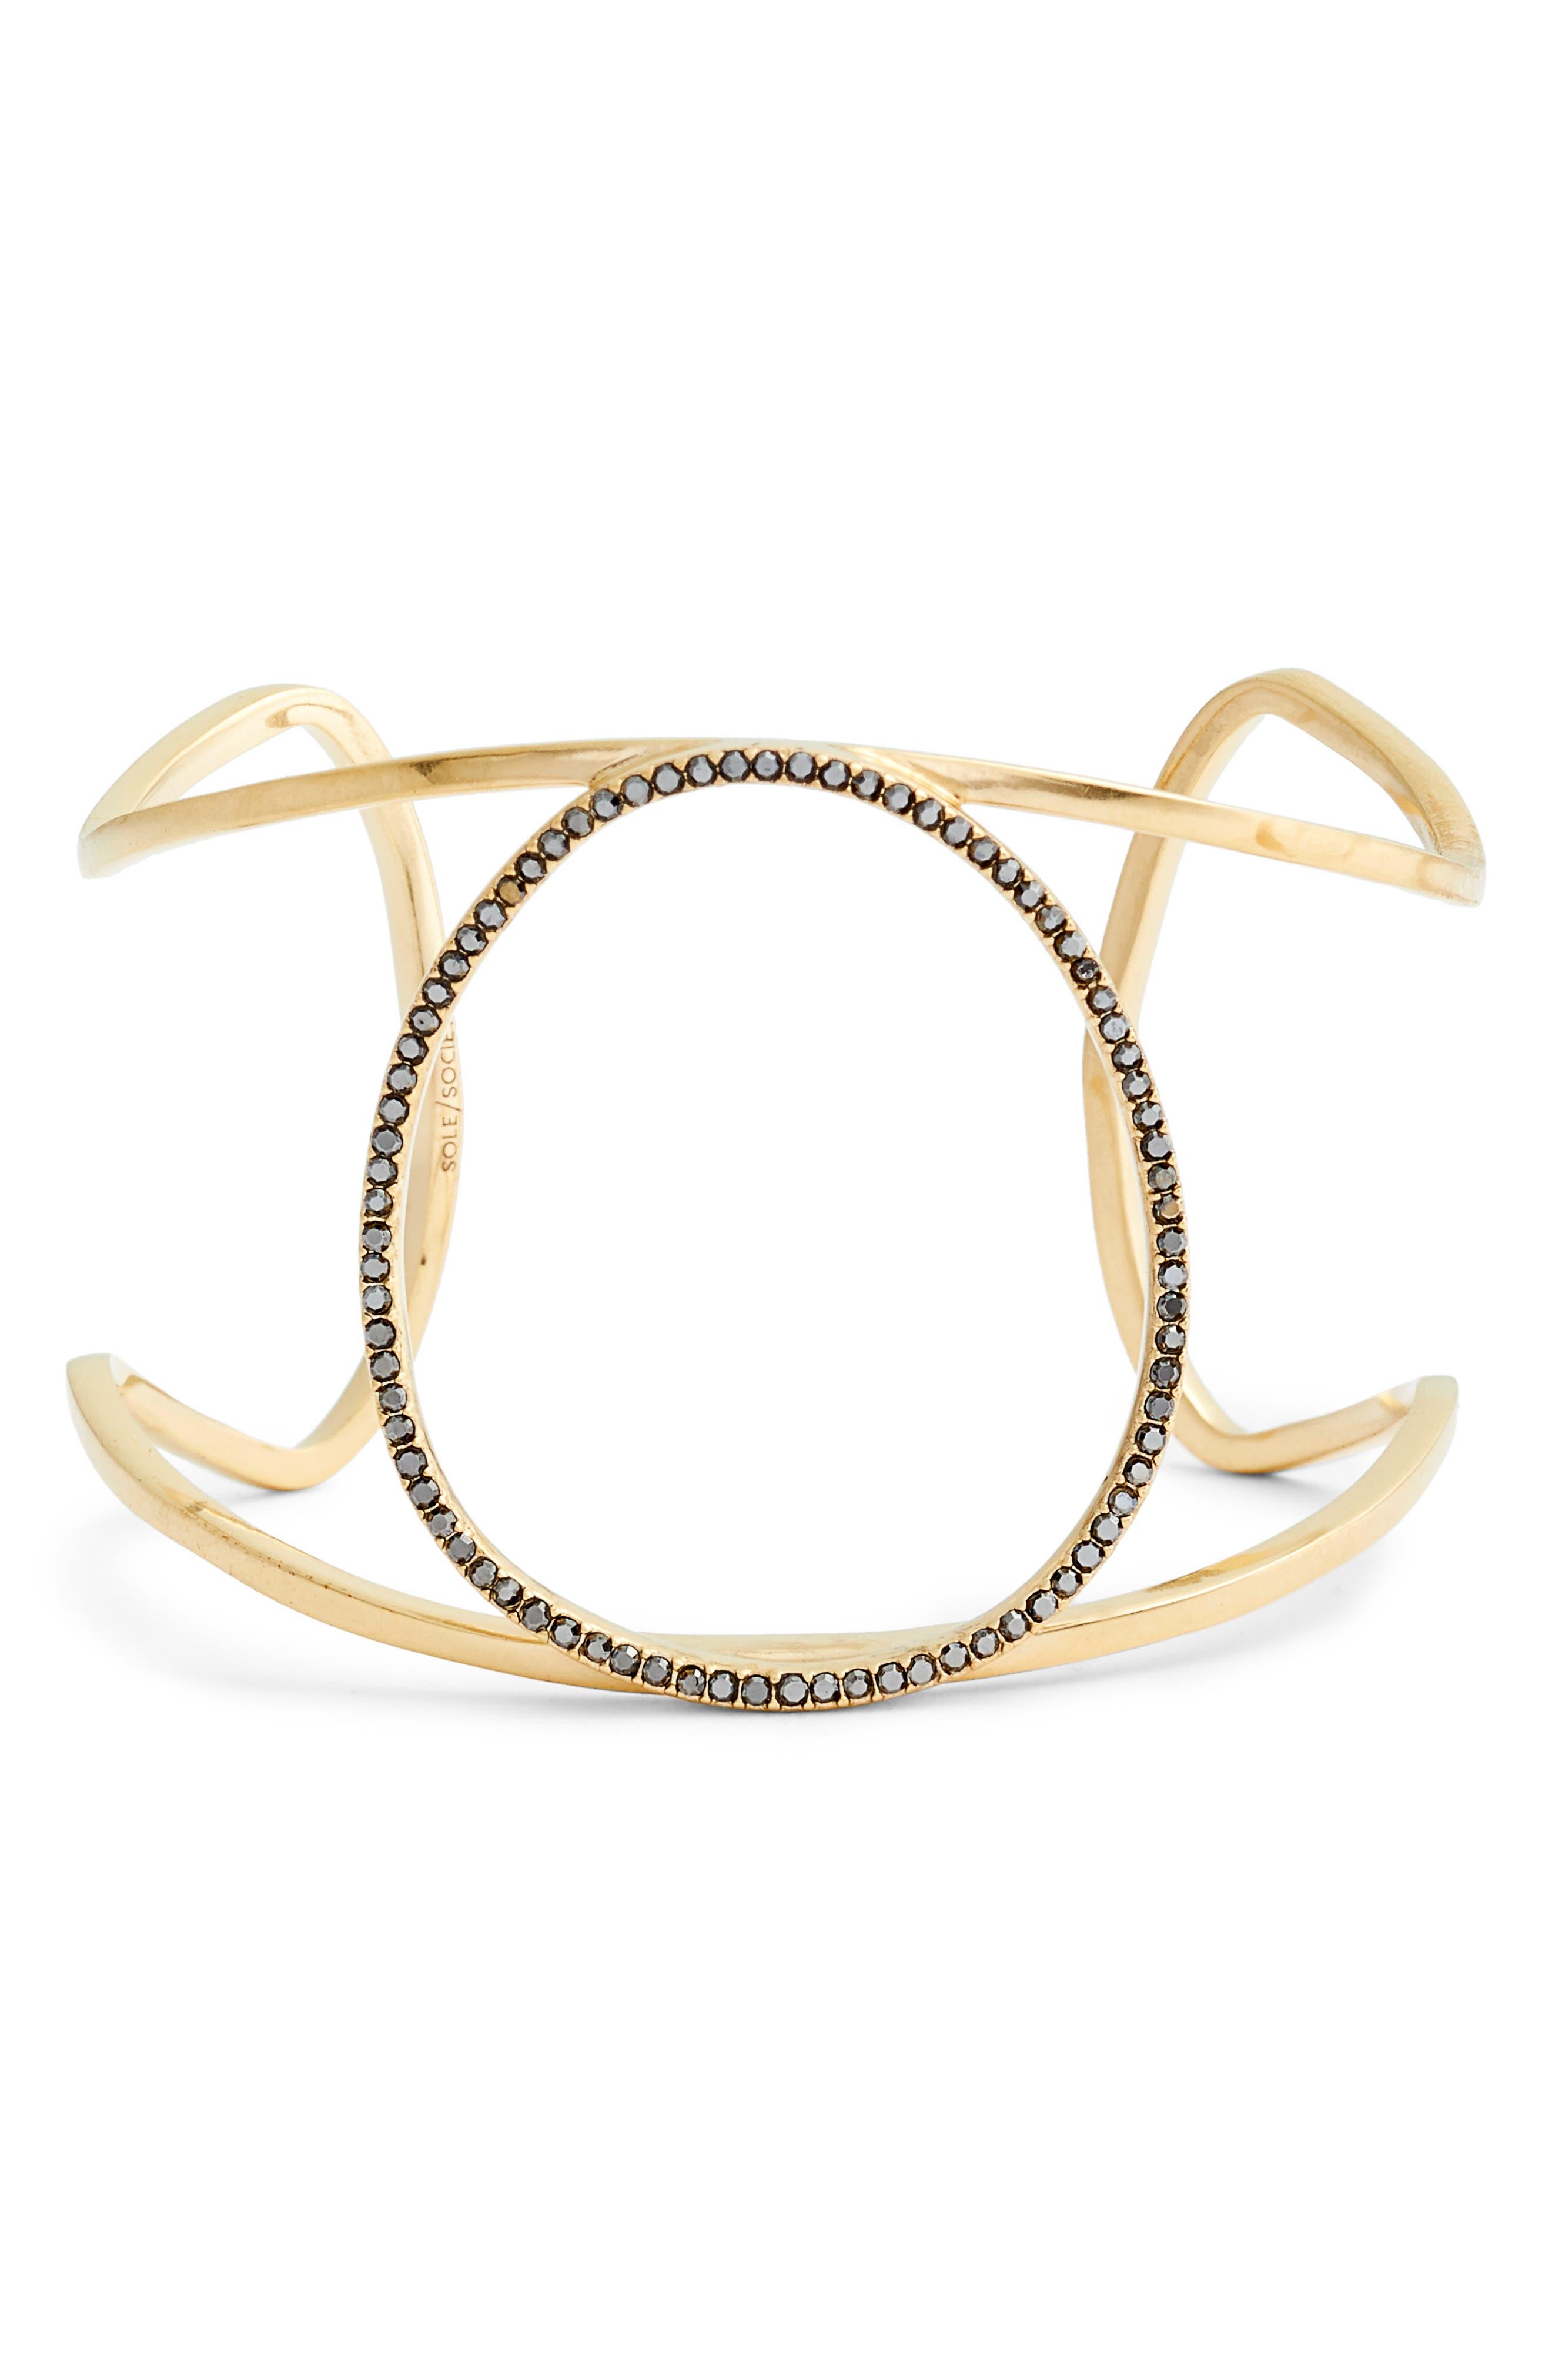 Crystal Embellished Large Cuff Bracelet.,                         Main,                         color, VINTAGE GOLD/ HEMATITE